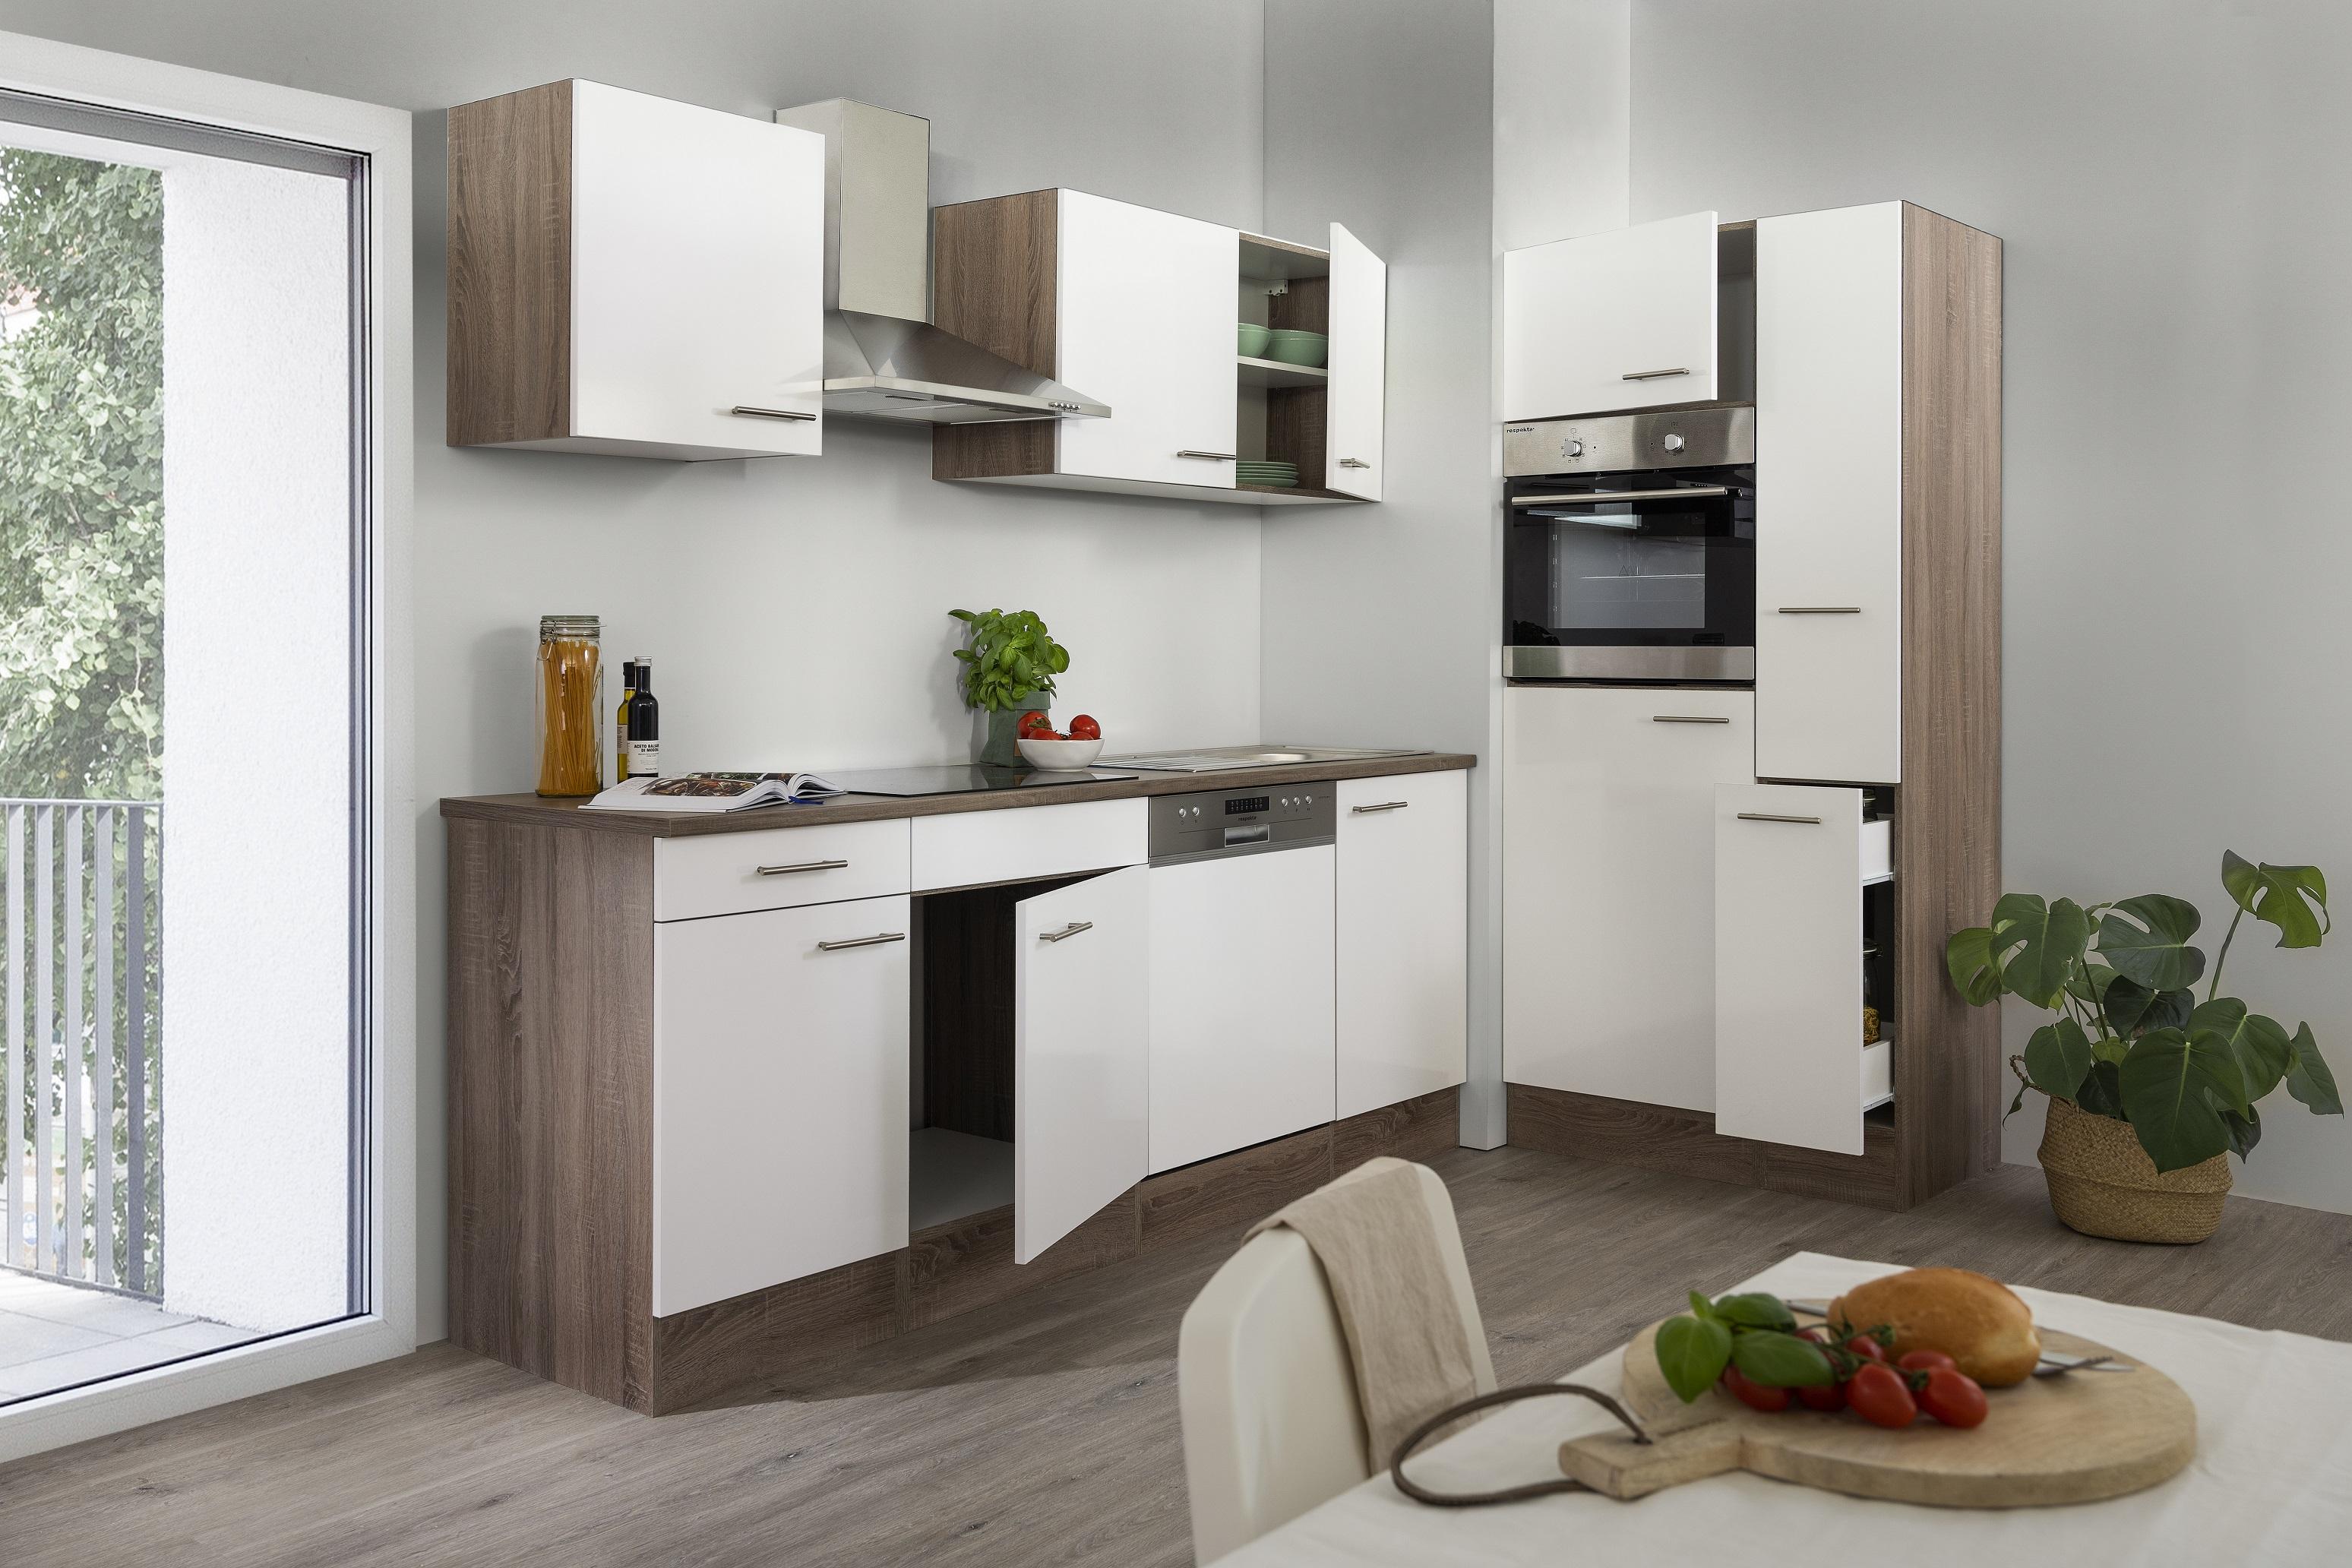 respekta Küchenzeile Küche Einbau Küchenblock Leerblock 310 cm Eiche York weiß